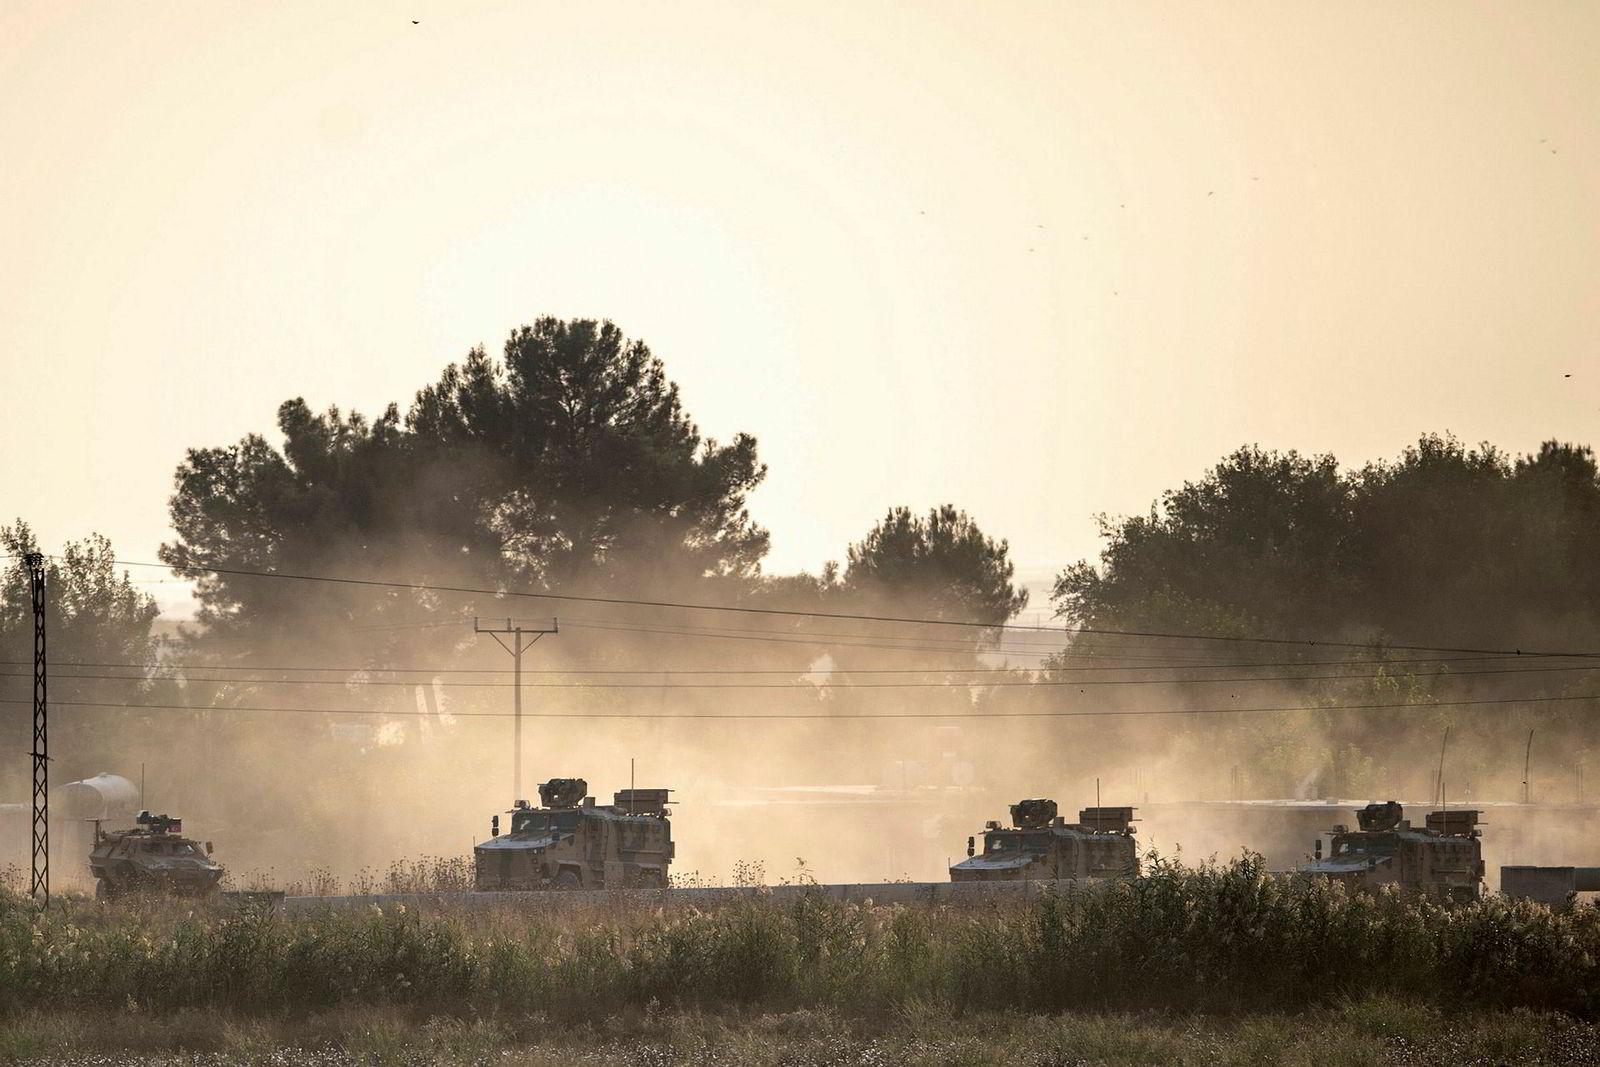 Tyrkiske militærstyrker på vei mot den syriske grensen nær Akcakale i Sanliurfa-provinsen i Tyrkia.